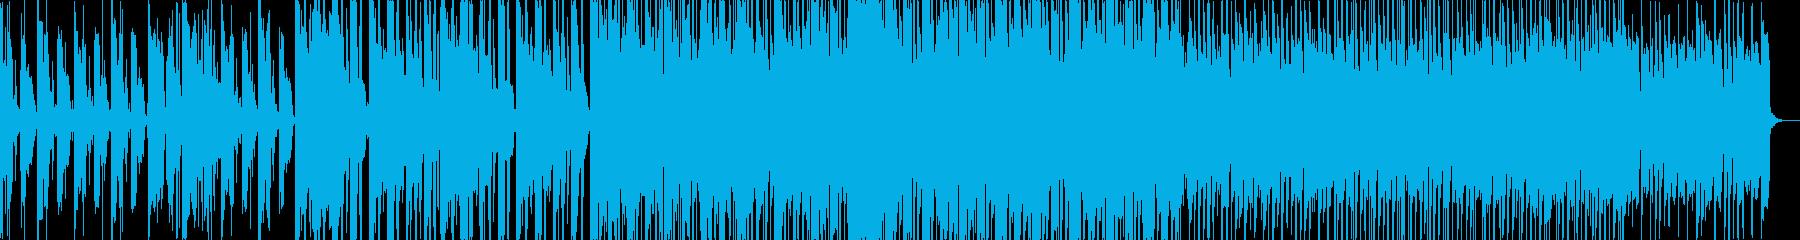 ダークなグリッチトラップの再生済みの波形